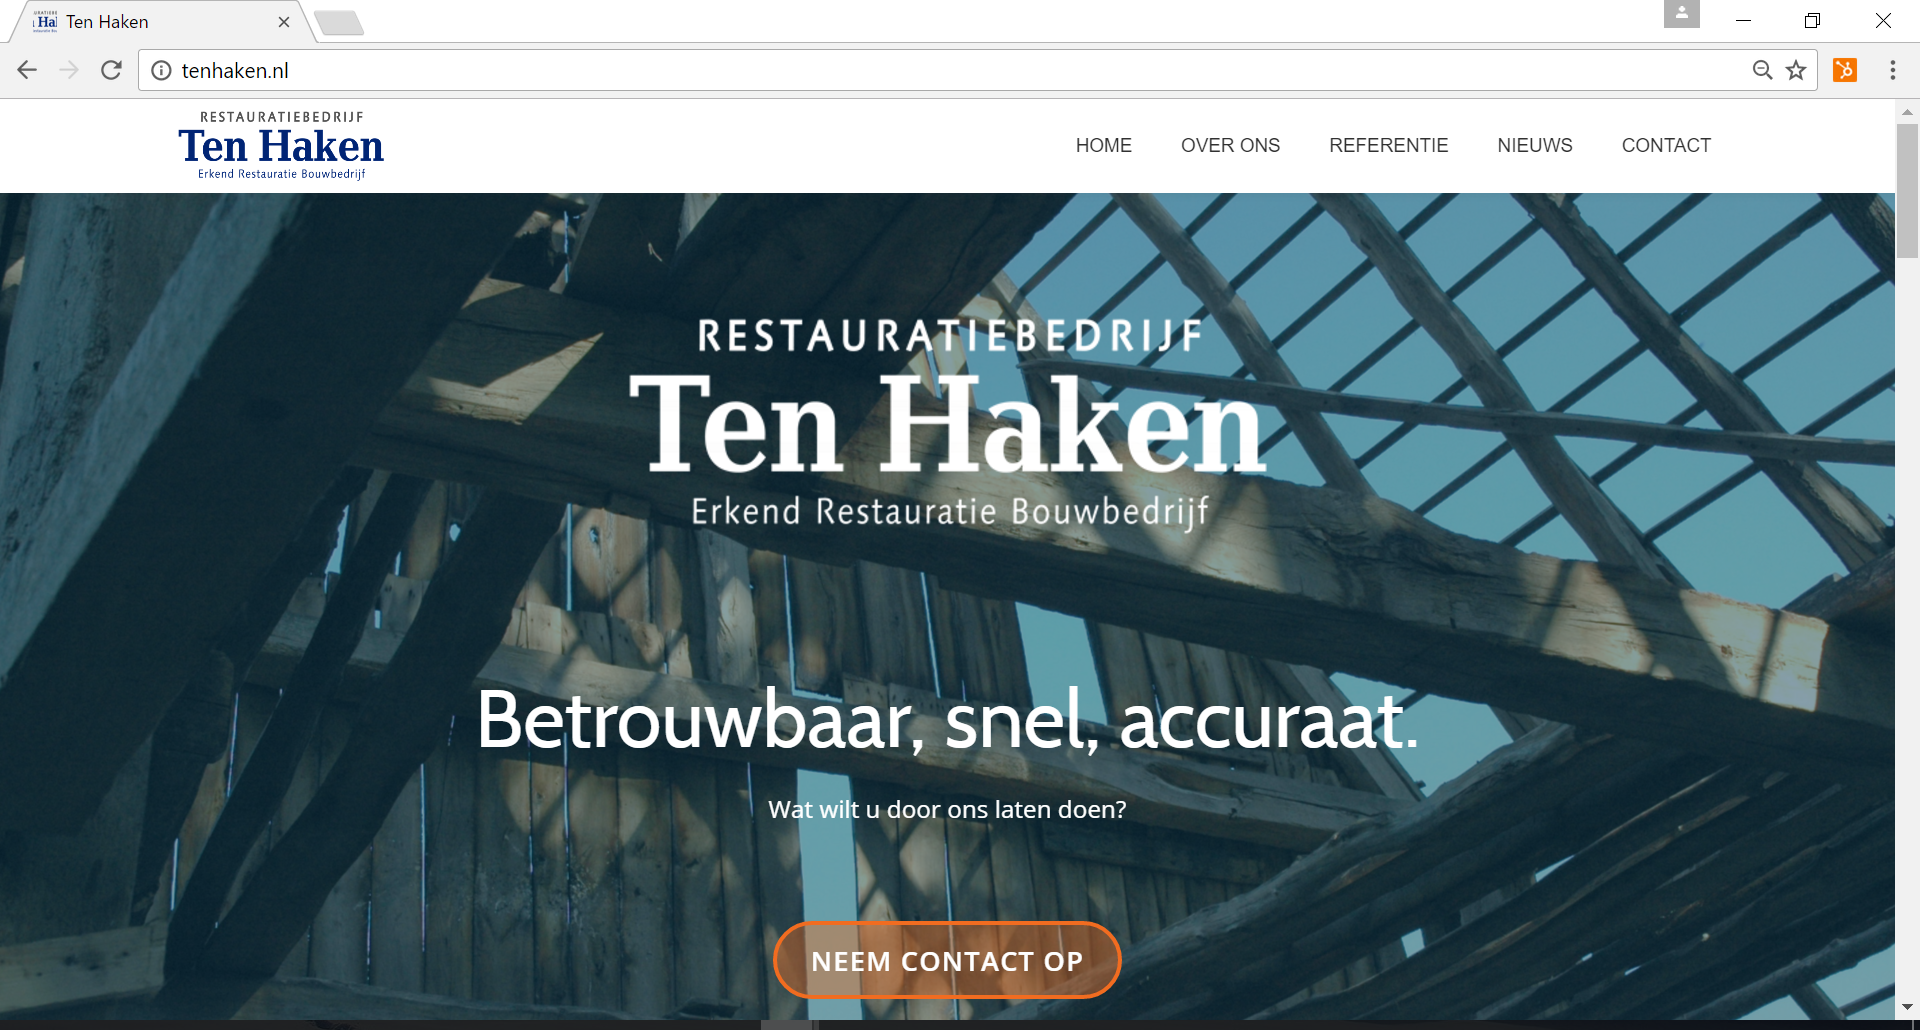 Restauratie bedrijf Ten Haken